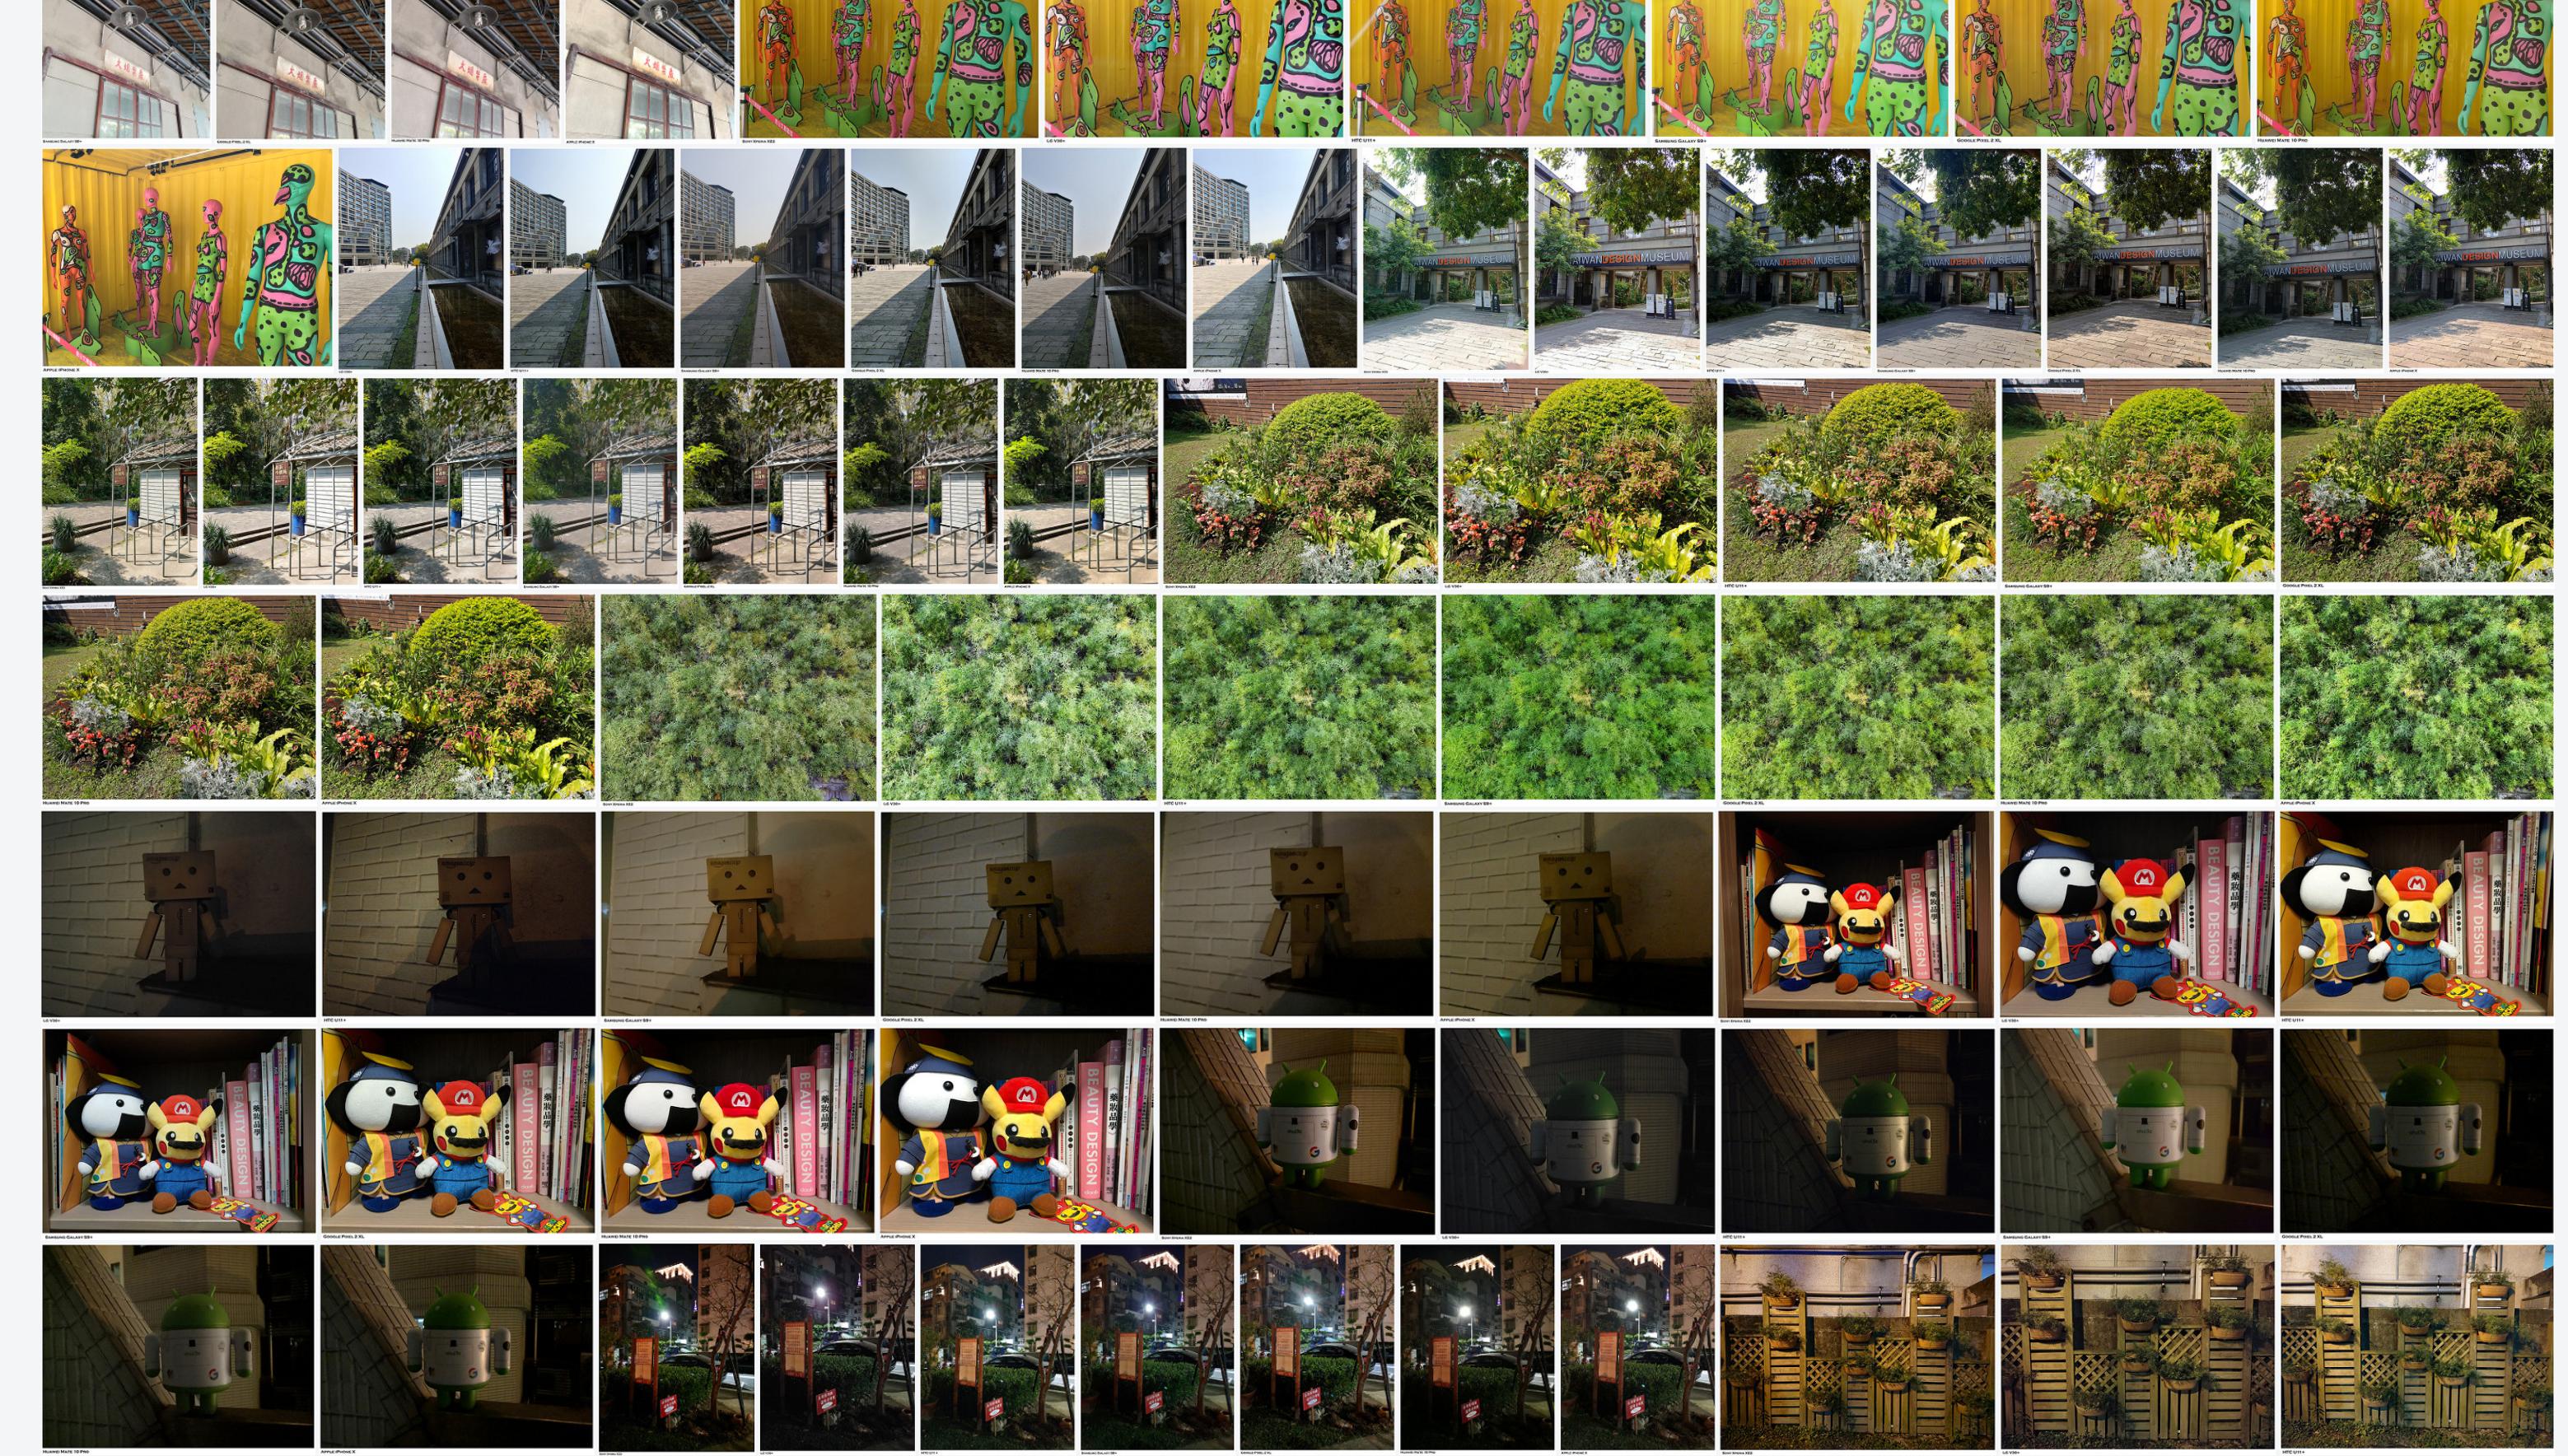 一次看七隻旗艦機!2018 最強相機旗艦 PK (2) (S9+/XZ2/Mate10Pro/V30+/Pixel2XL/U11+/iPhone X – Camera Comparison) @3C 達人廖阿輝